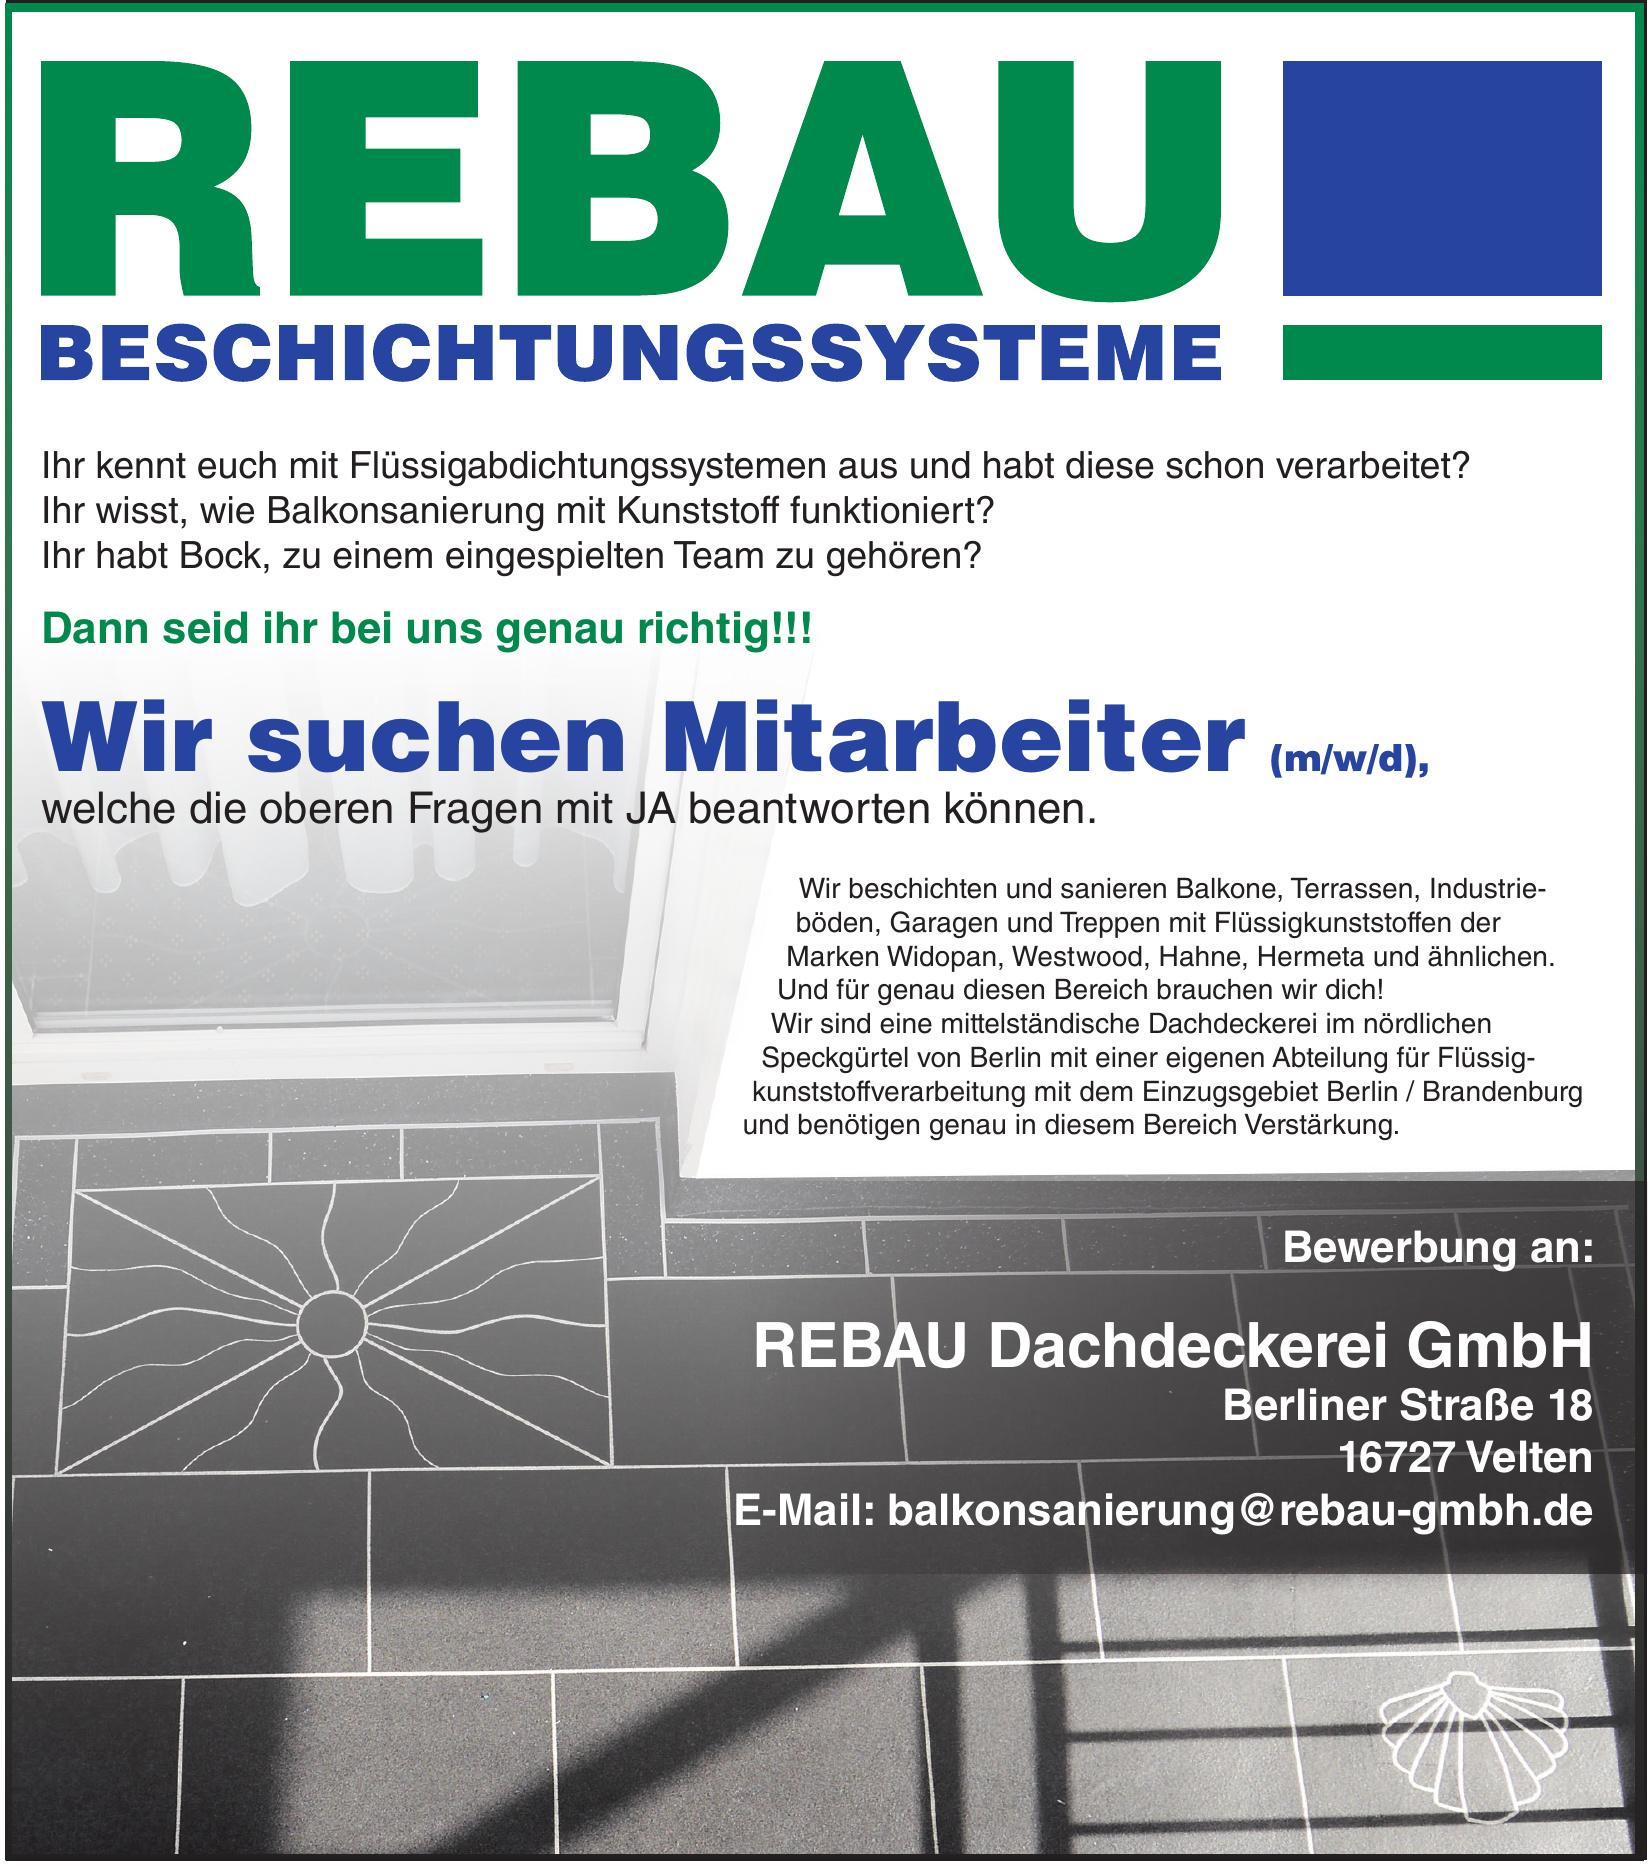 REBAU Dachdeckerei GmbH